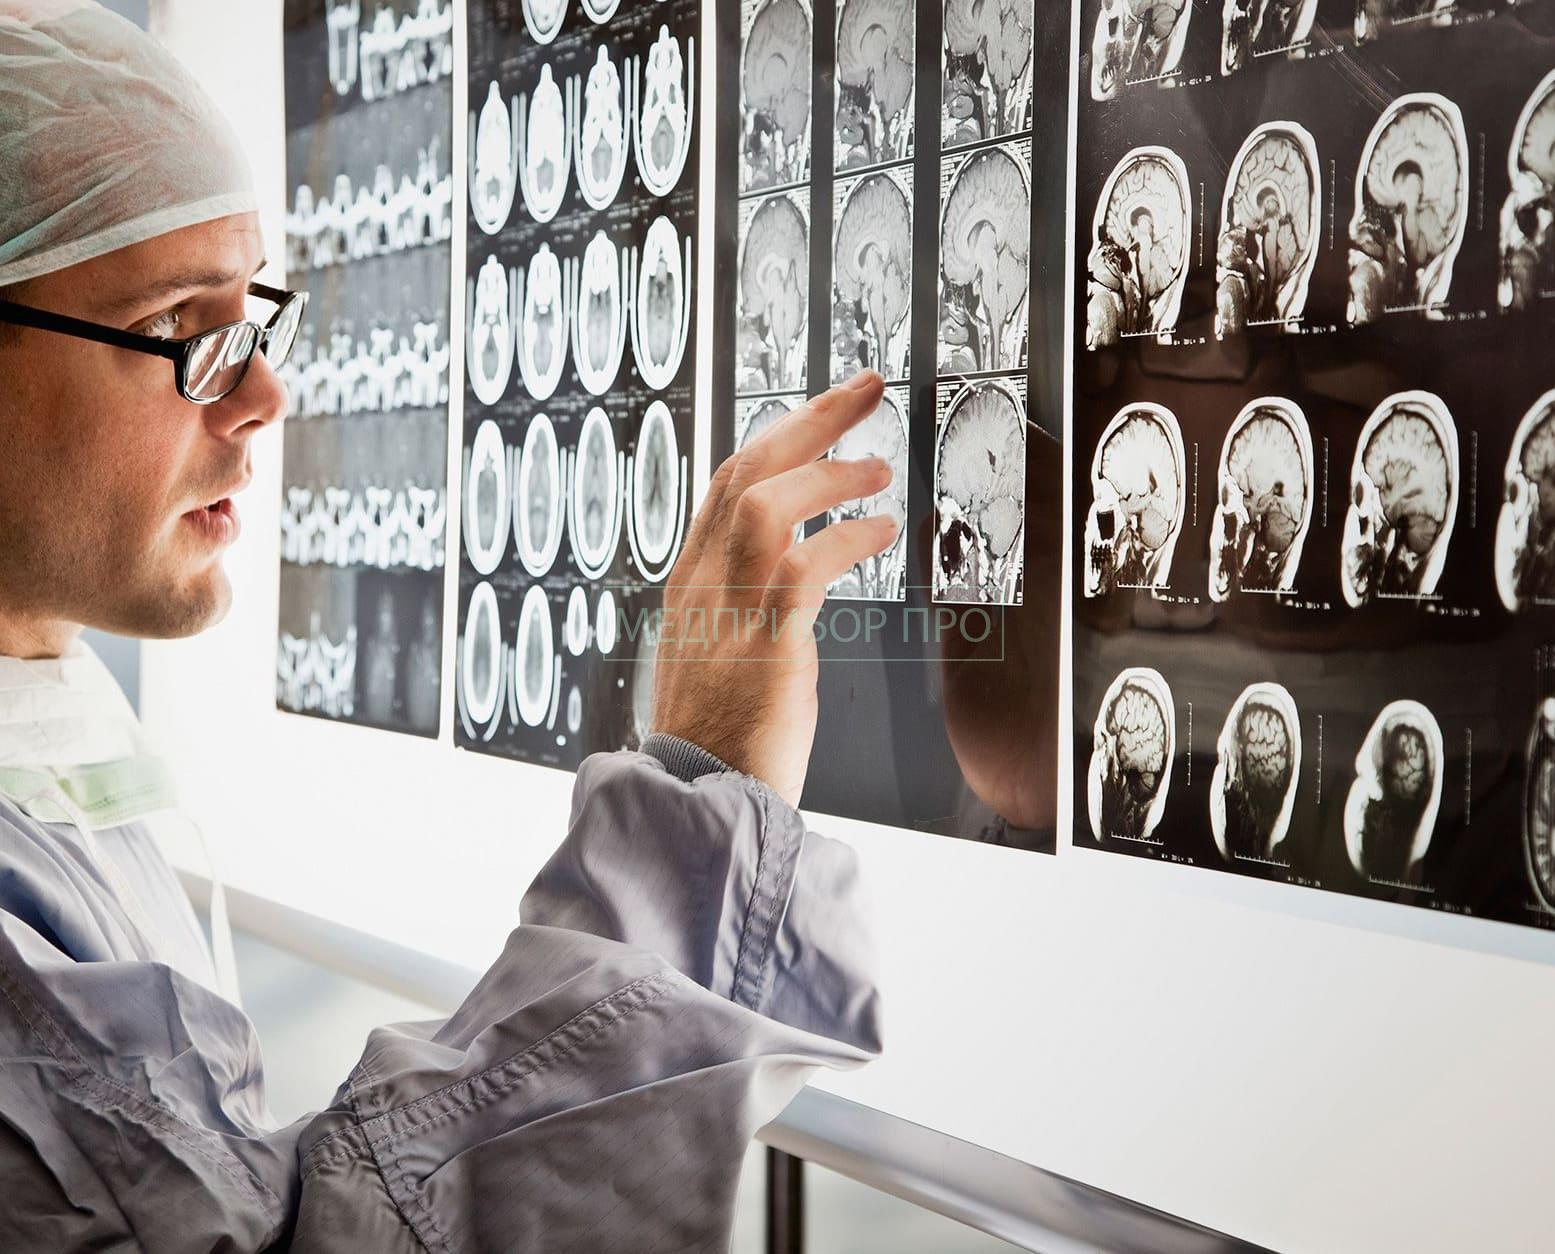 Вредоносные программы могут изменить изображения МРТ и КТ-исследований